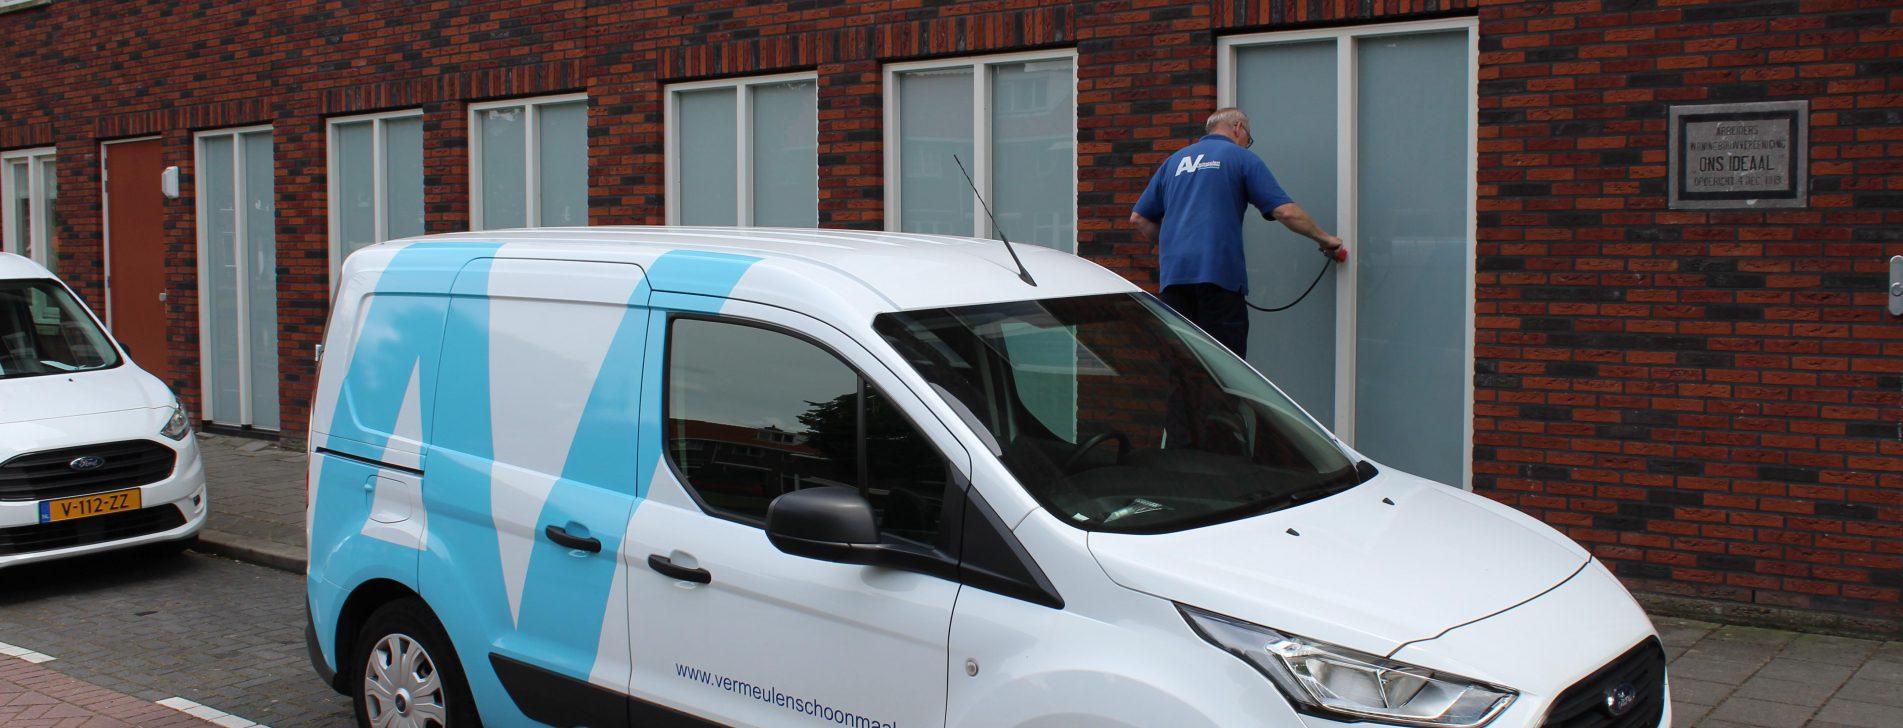 A. Vermeulen Schoonmaakbedrijf B.V. maakt het schoon - Klantvriendelijk en oplossingsgericht !